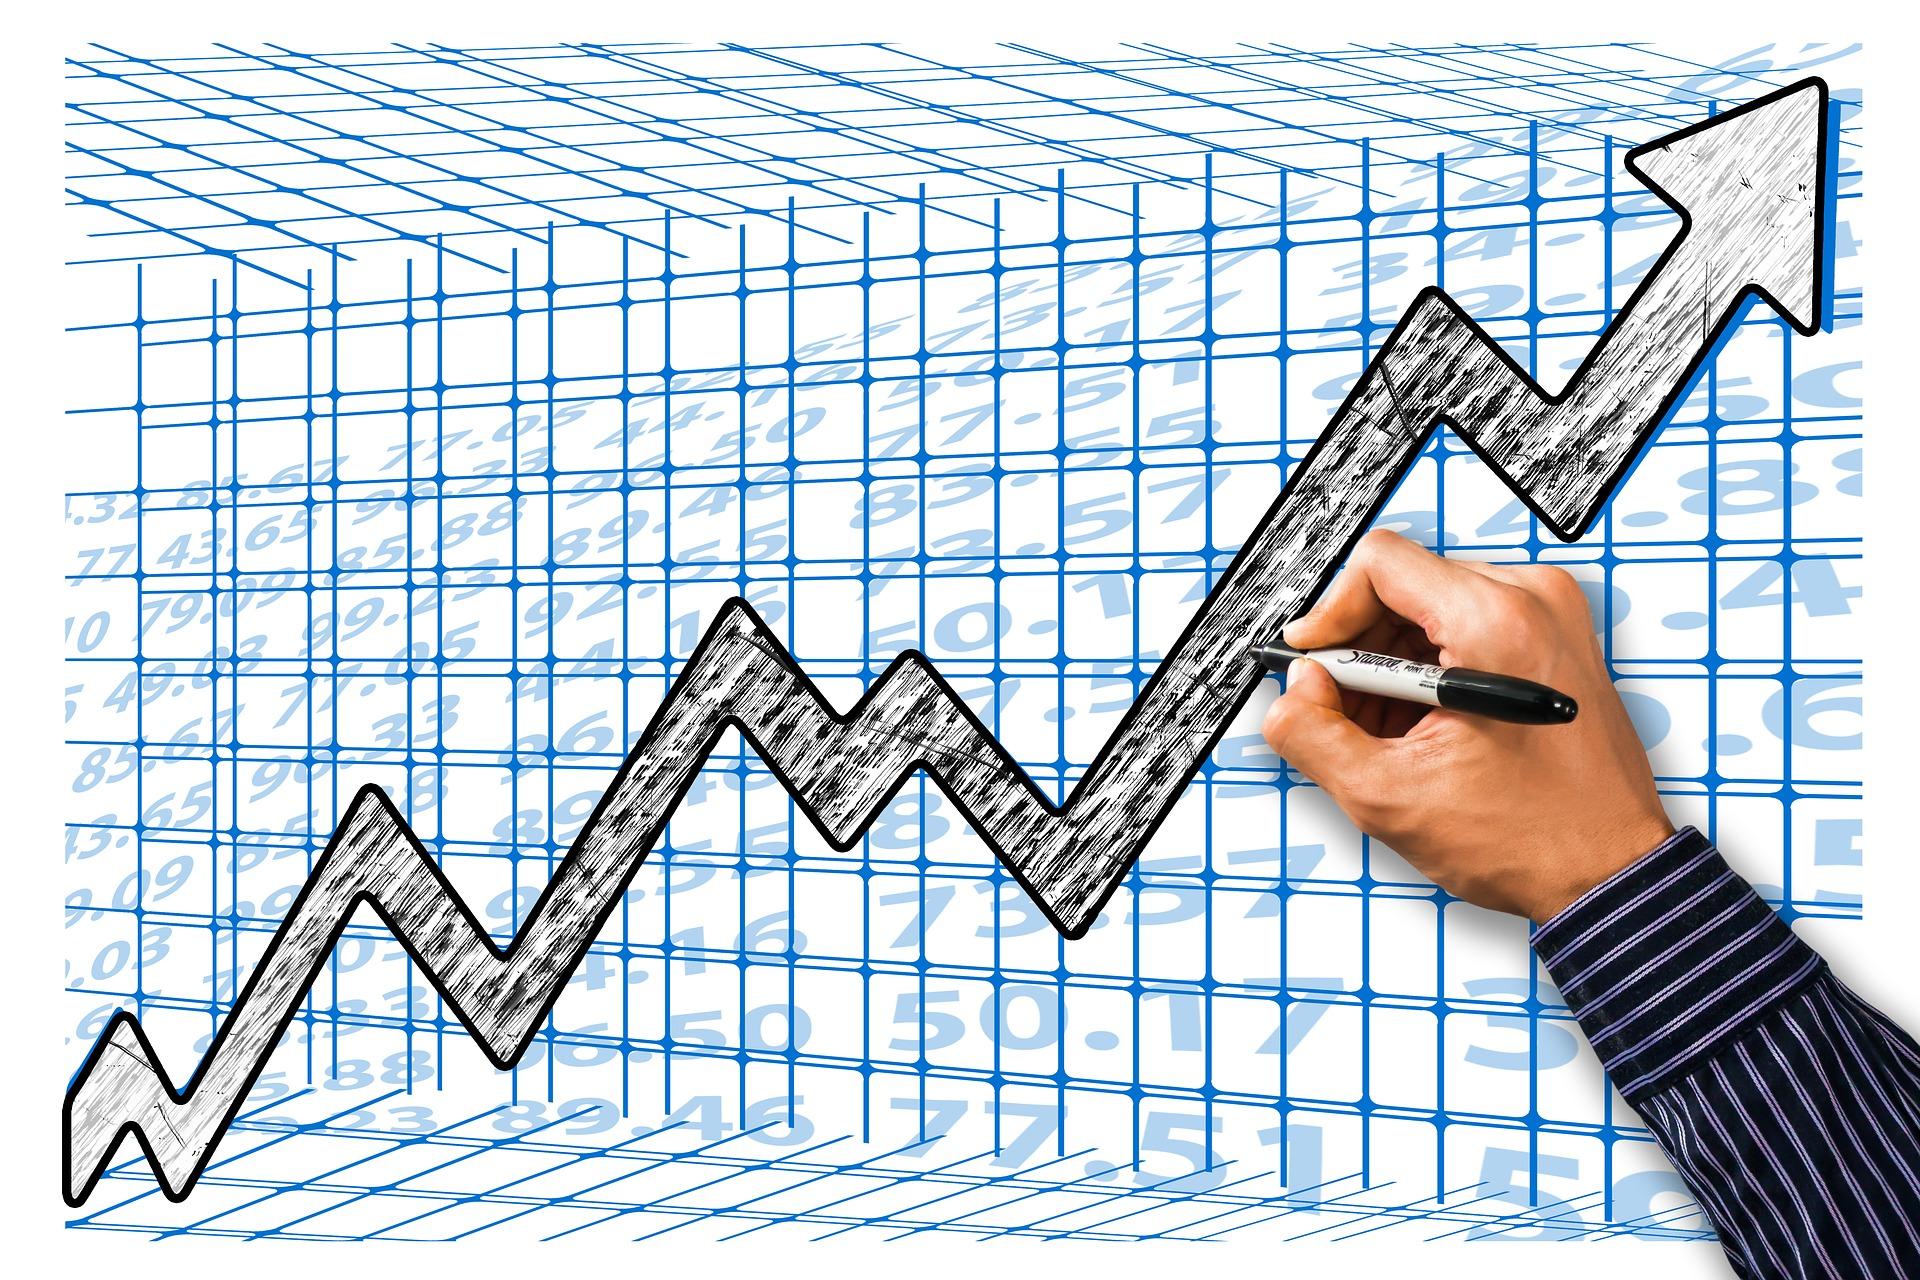 Agencia norteamericana estima  recuperación económica del país